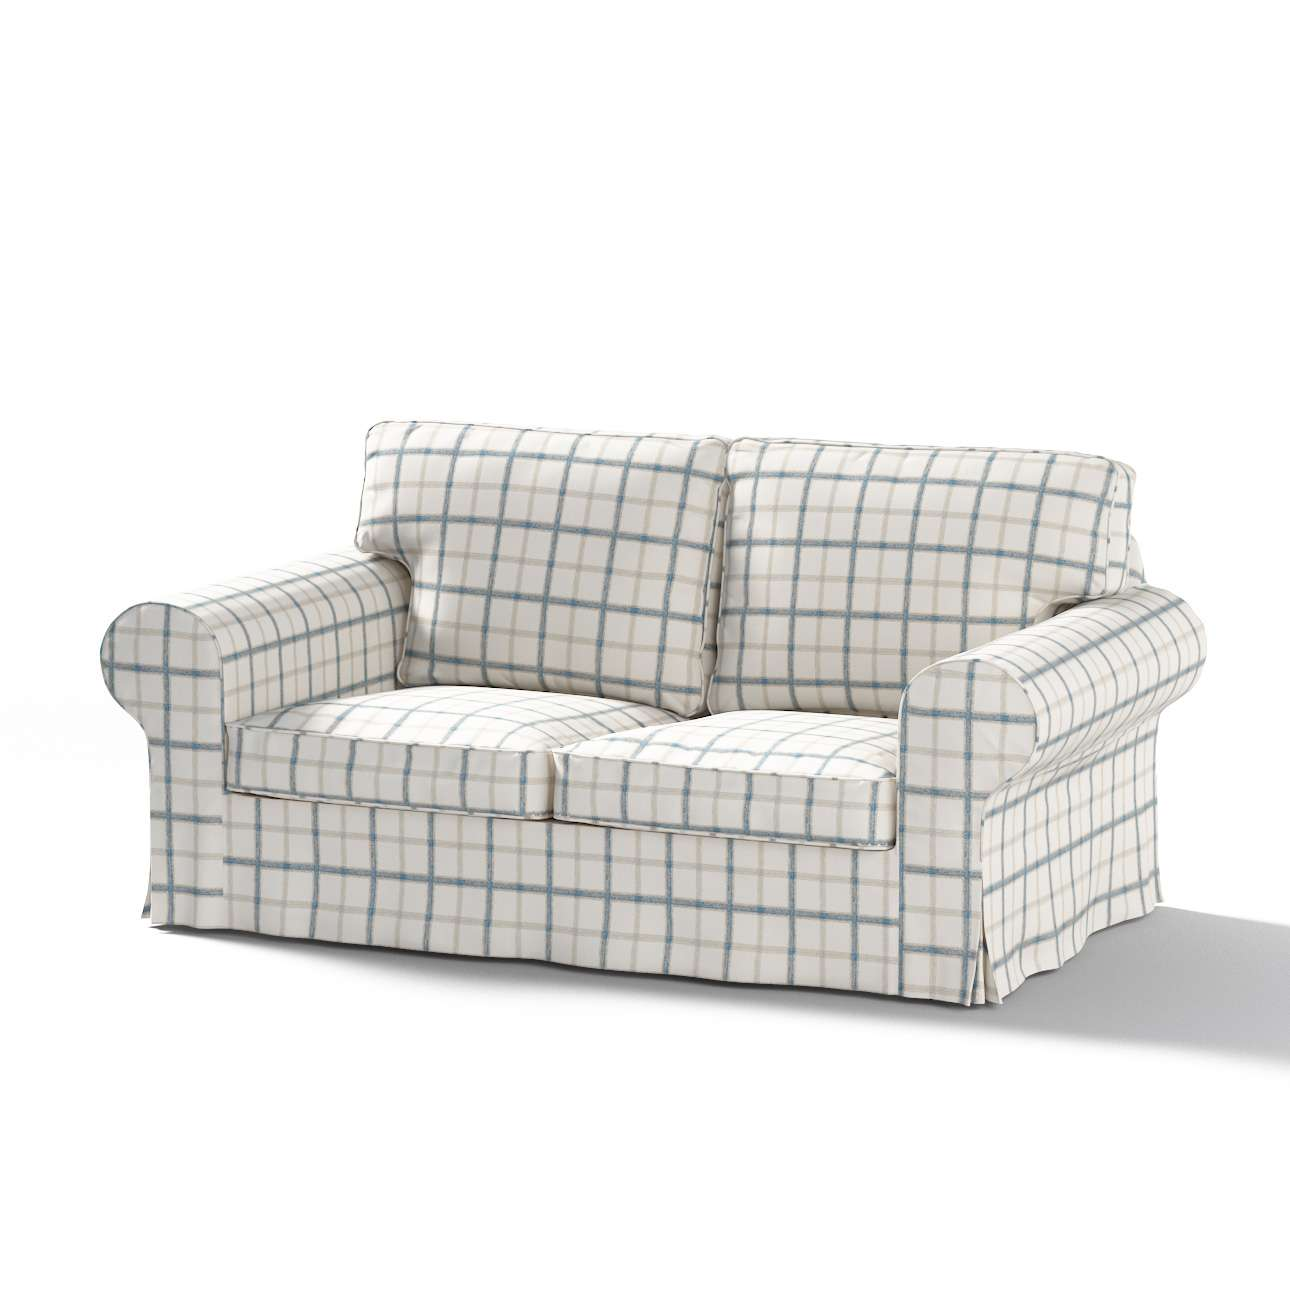 Ektorp 2-Sitzer Schlafsofabezug  NEUES Modell  Sofabezug für  Ektorp 2-Sitzer ausklappbar, neues Modell von der Kollektion Avinon, Stoff: 131-66